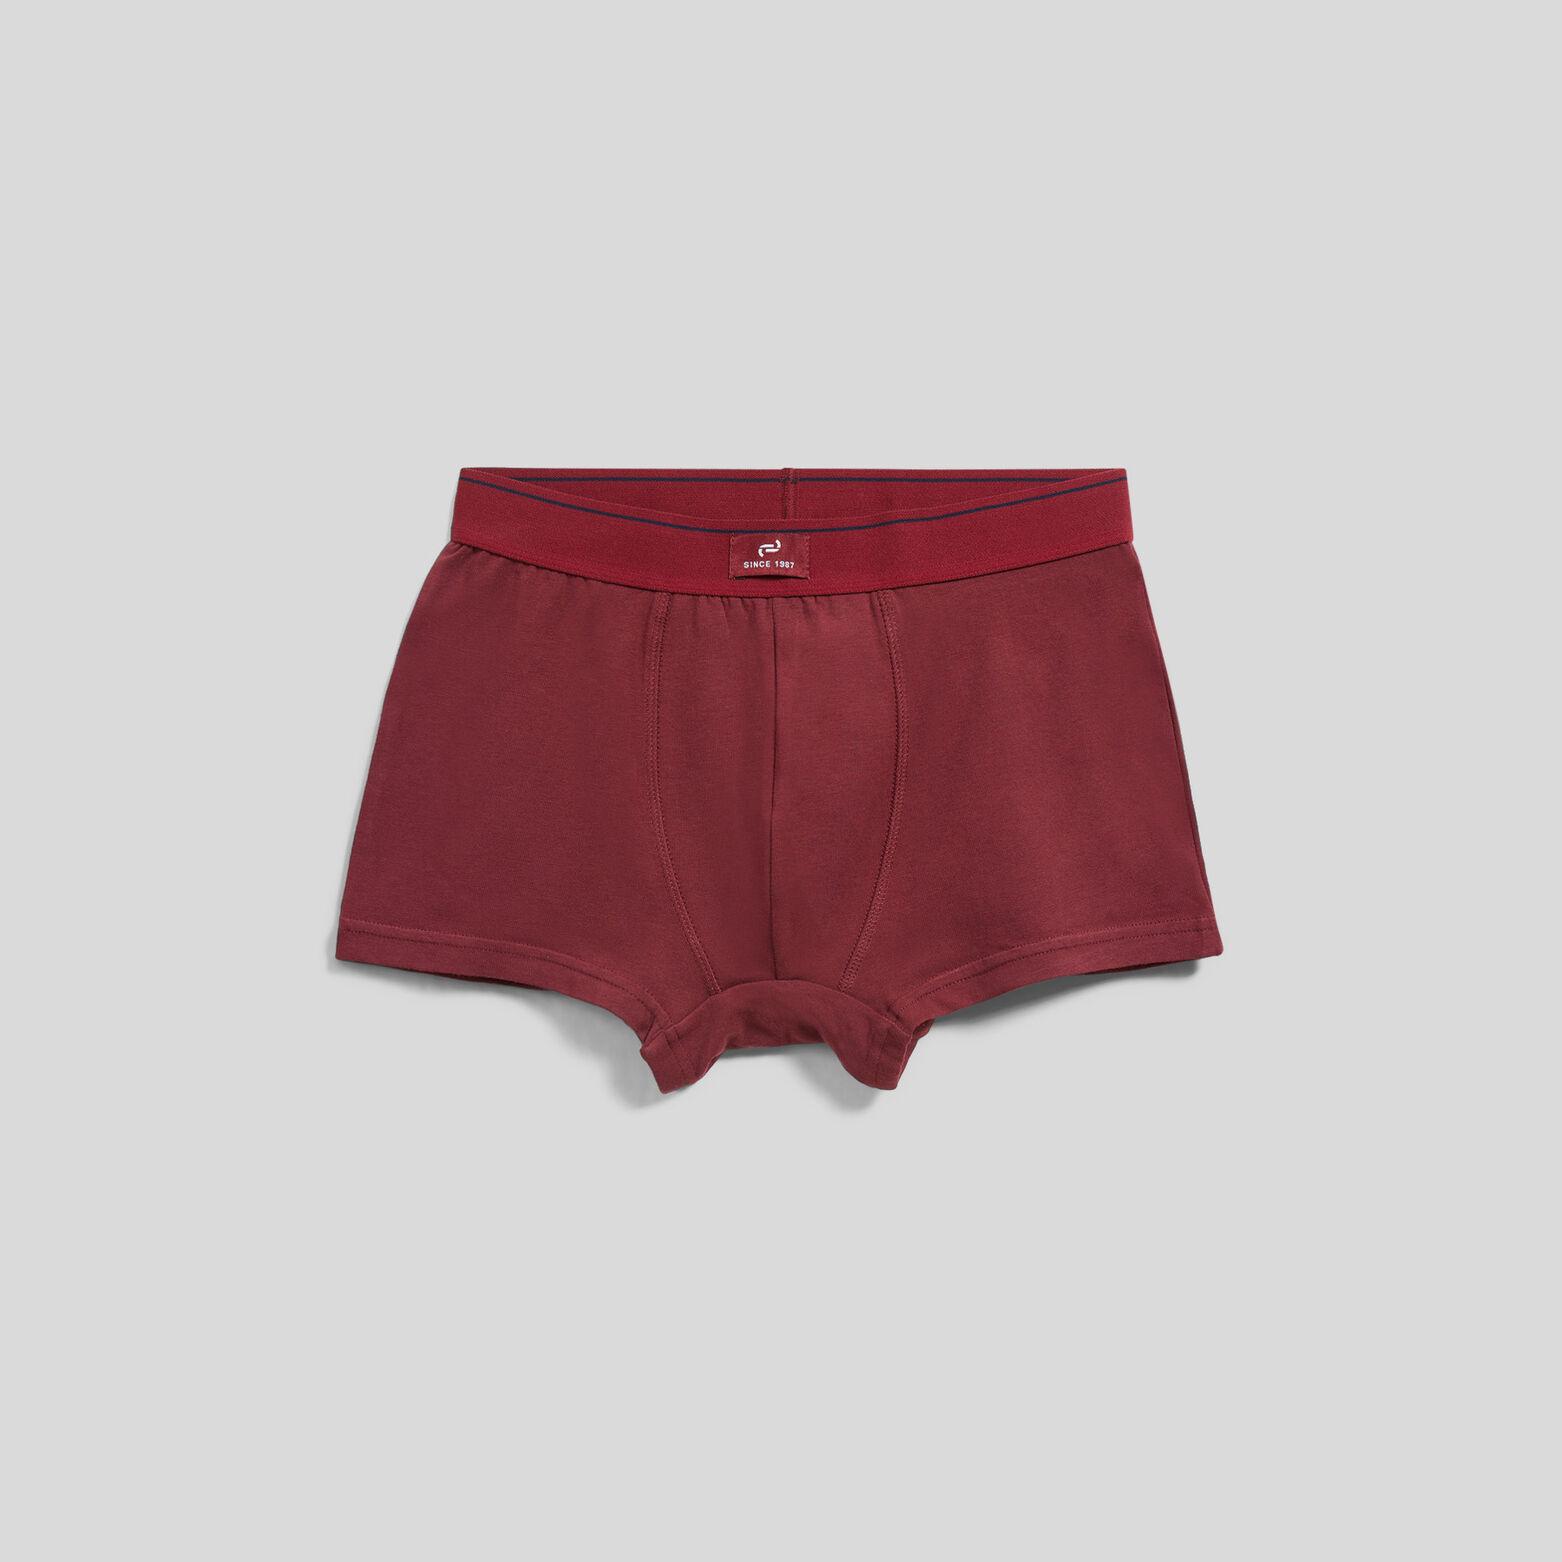 Lot de 5 boxers unis colorés coton issu de l'agric